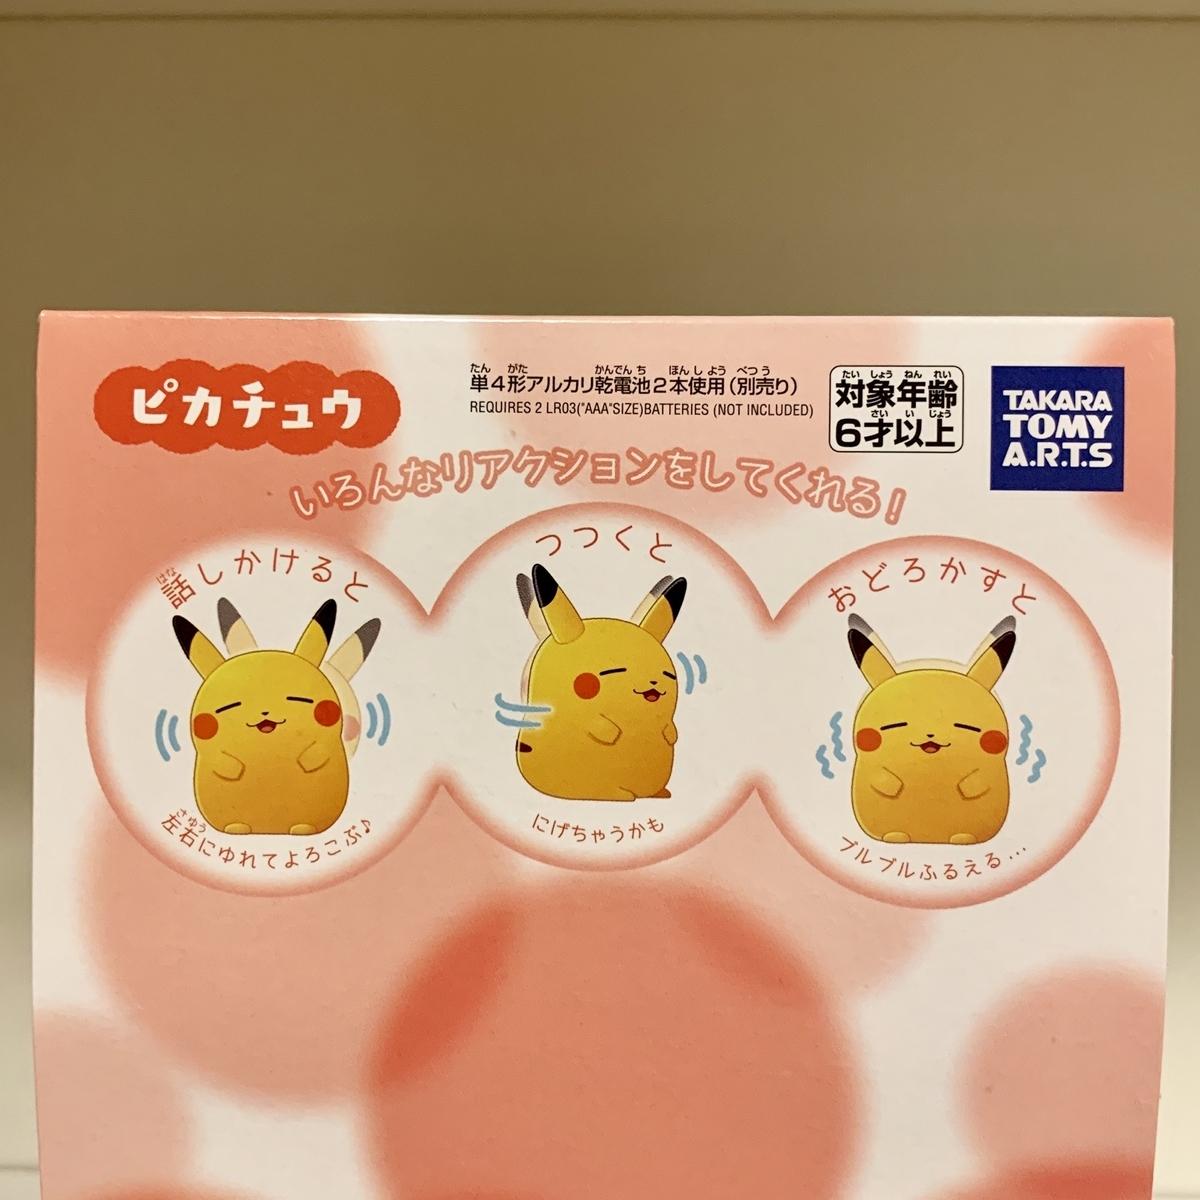 f:id:pikachu_pcn:20200206213419j:plain